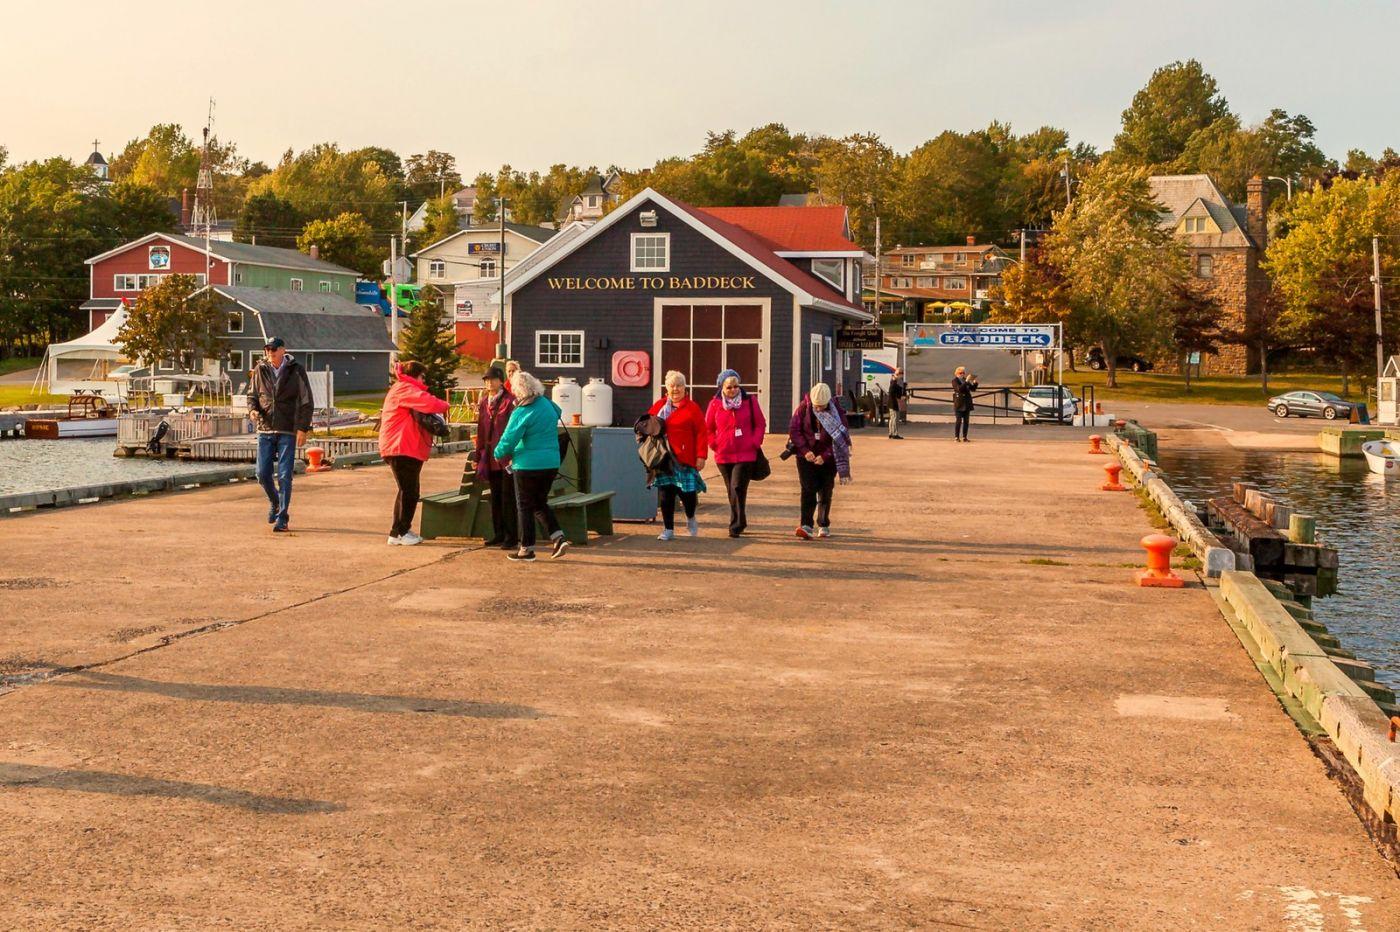 加拿大Nova Scotia, 帆船灯塔老鹰_图1-11